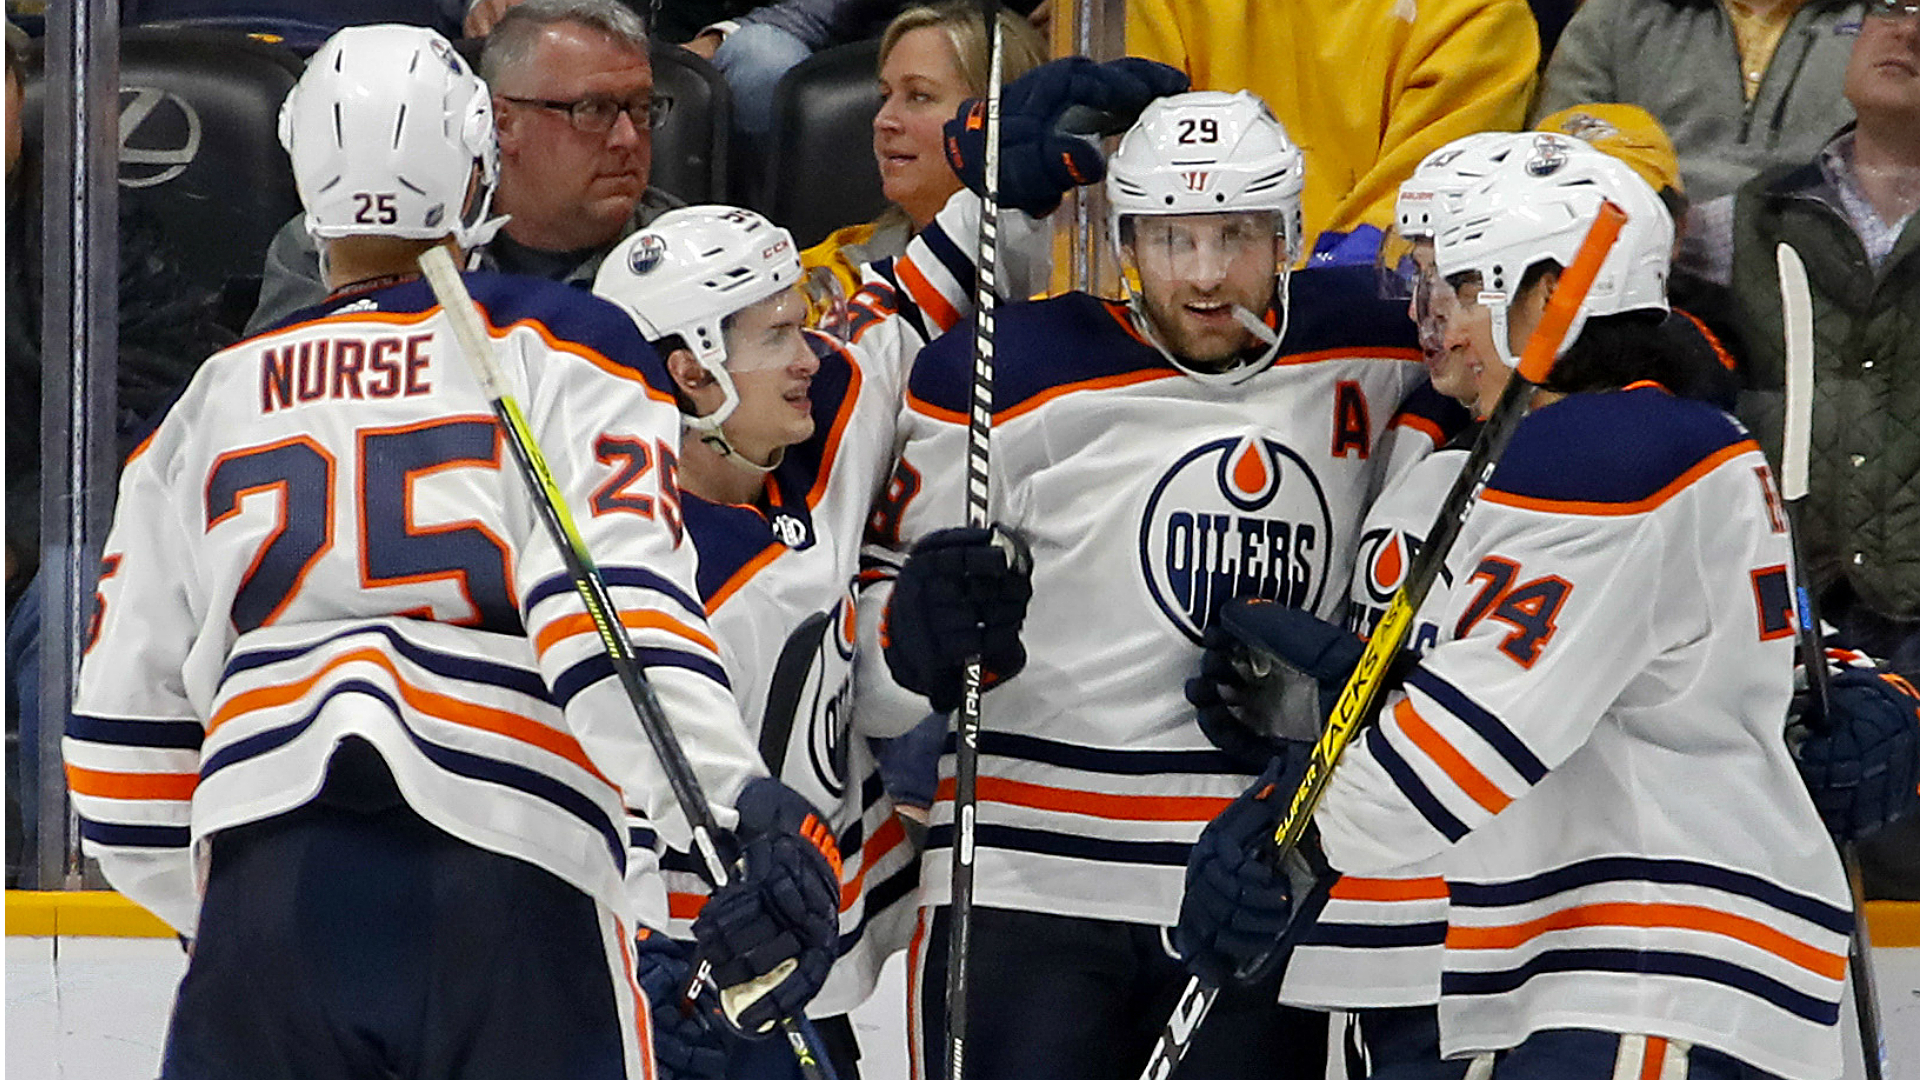 """Dave Tippett de Oilers: """"Creo que podemos ponernos en marcha bastante rápido"""" 55"""